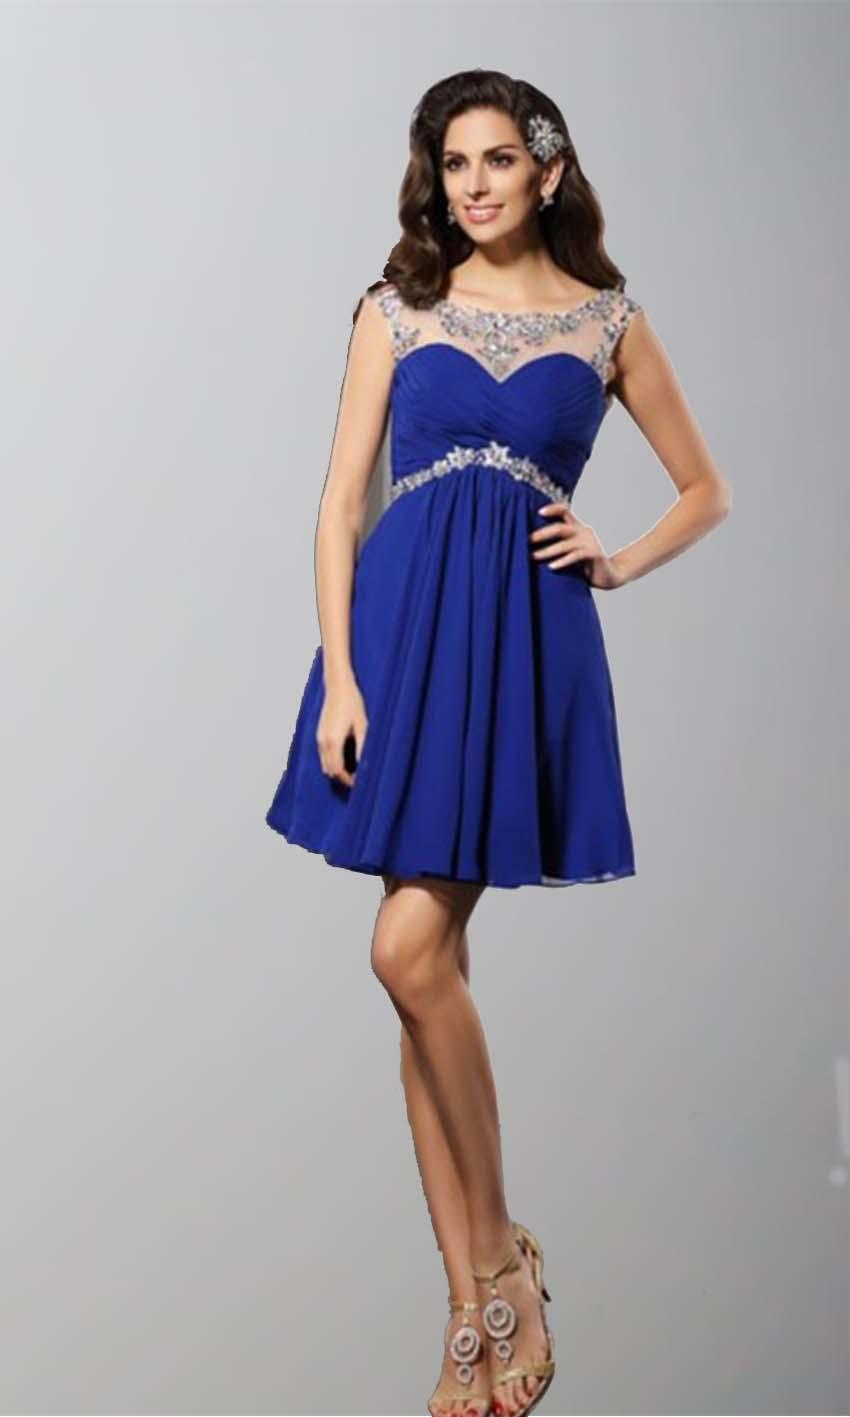 Blue Illusion Short Lace Prom Dresses UK KSP347 [KSP347] - £87.00 ...